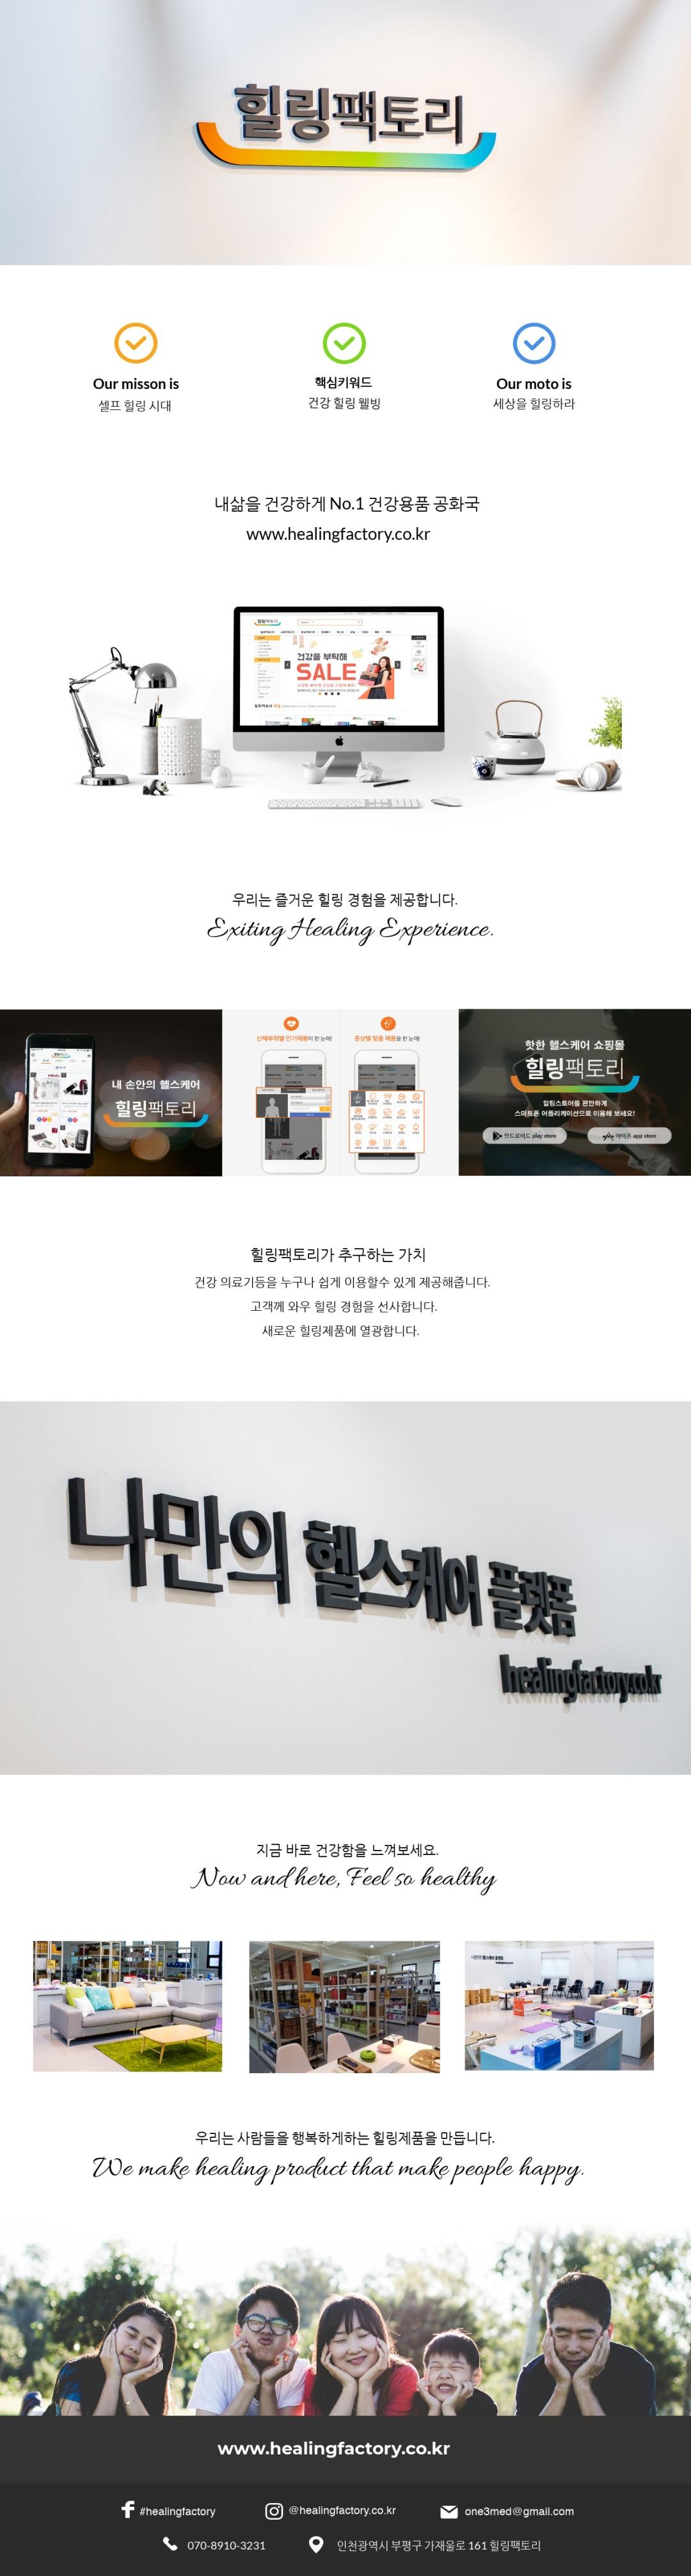 회사 소개 이미지 수정 jpg